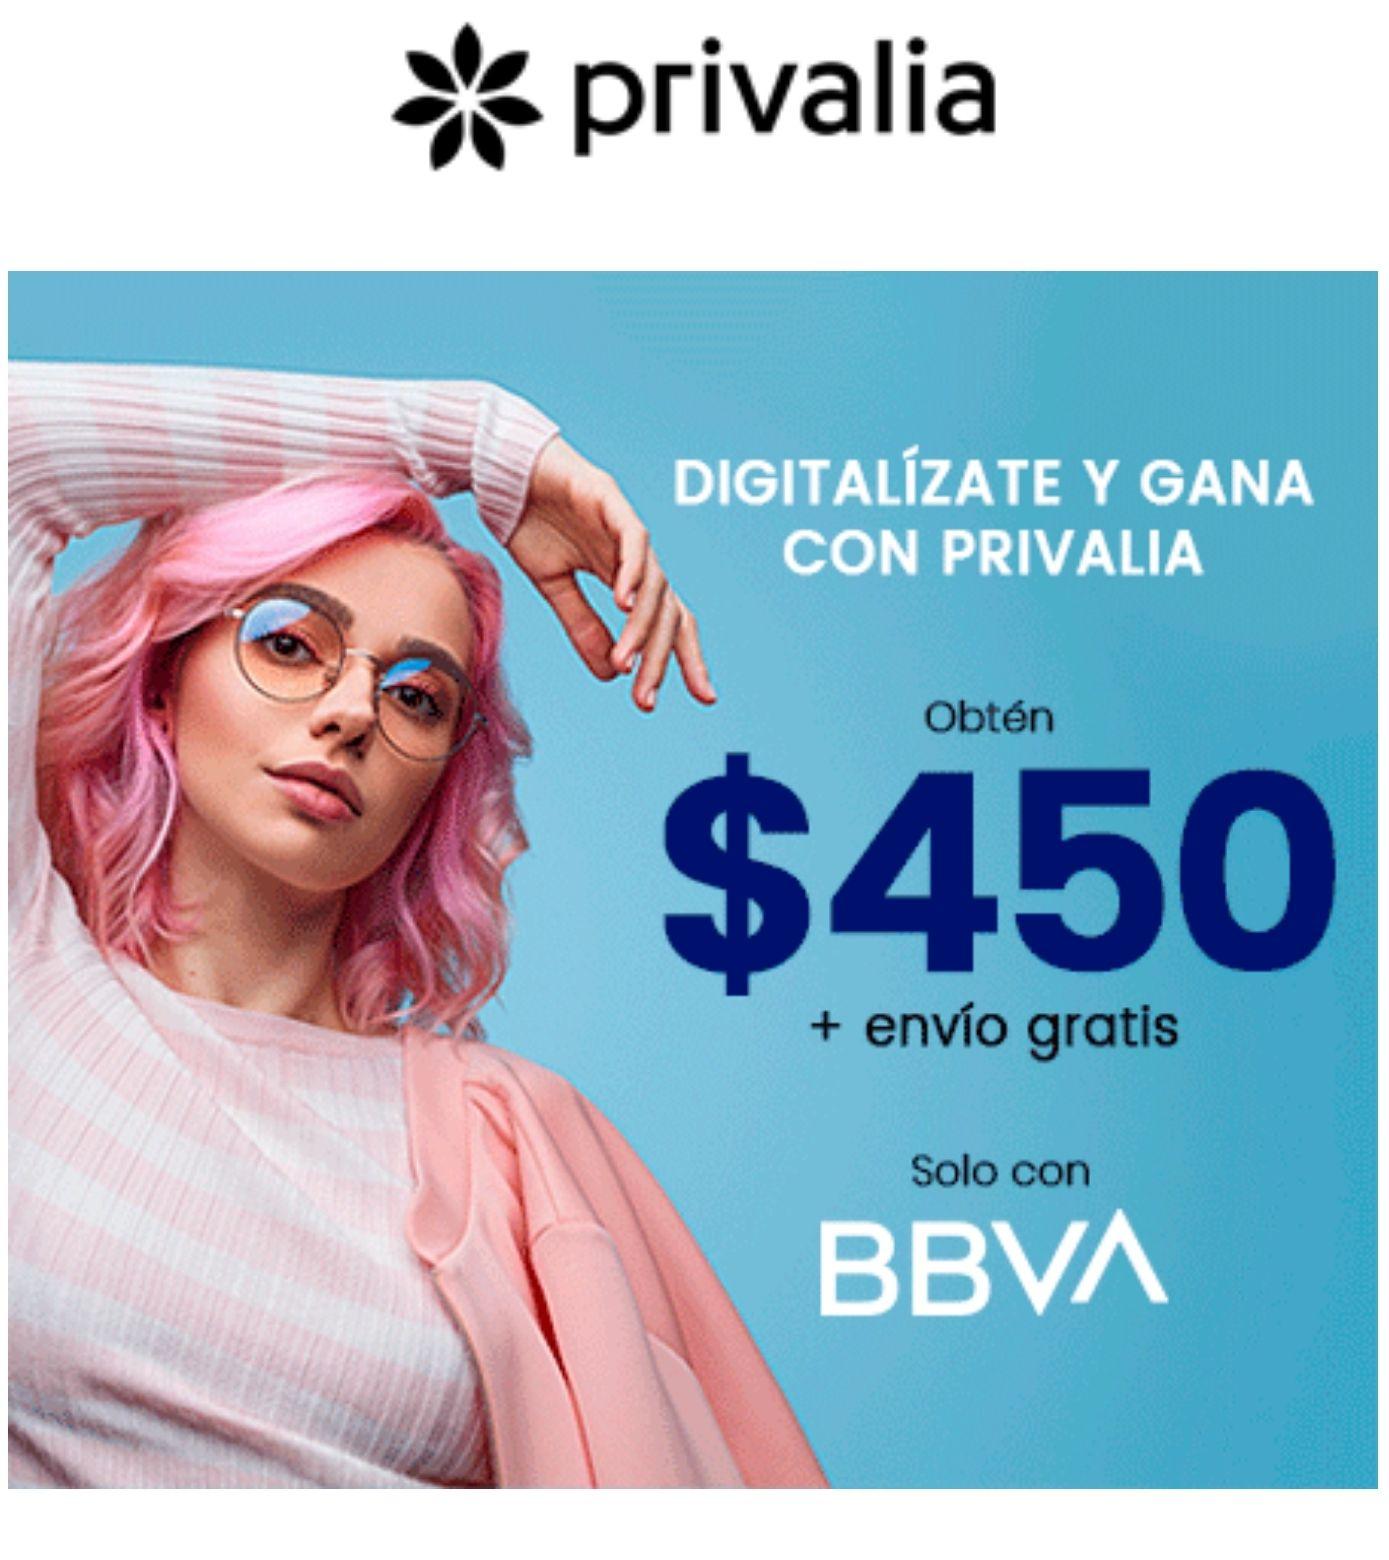 Privalia -$450 menos en Privalia con BBVA (usuarios nuevos)